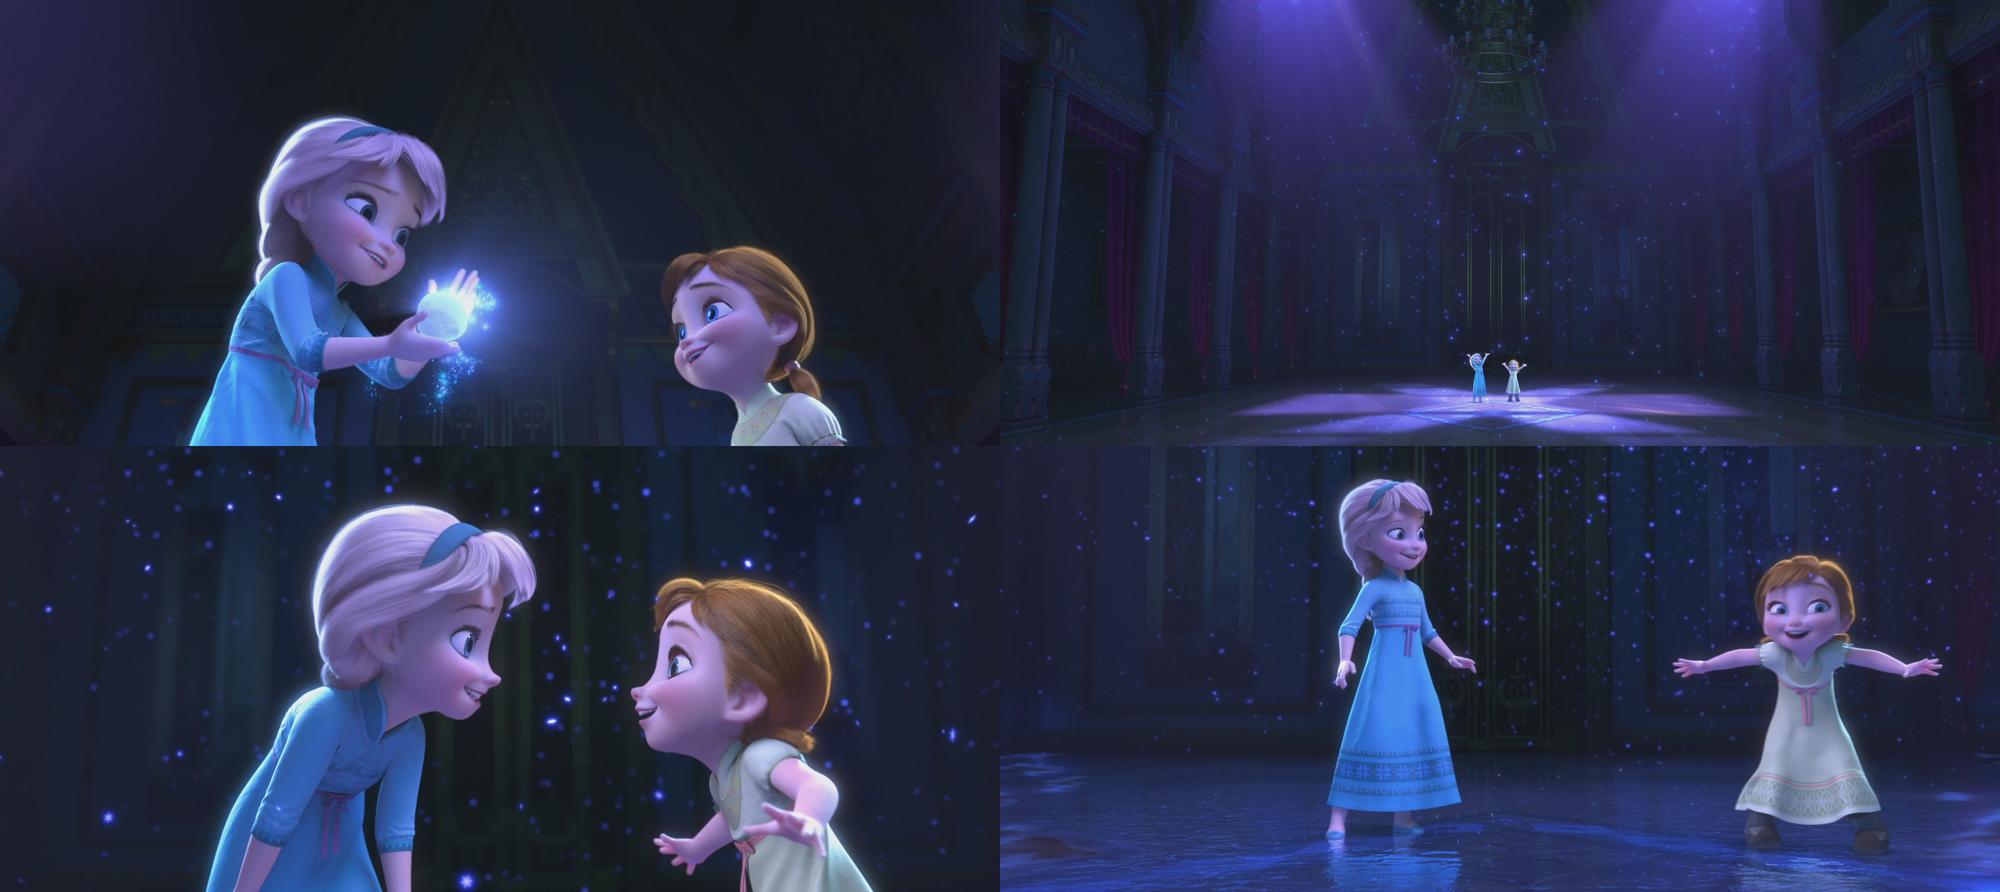 Image la reine des neiges disney elsa anna enfant salle de bal neige d 39 artifice glace - Anna elsa reine des neiges ...